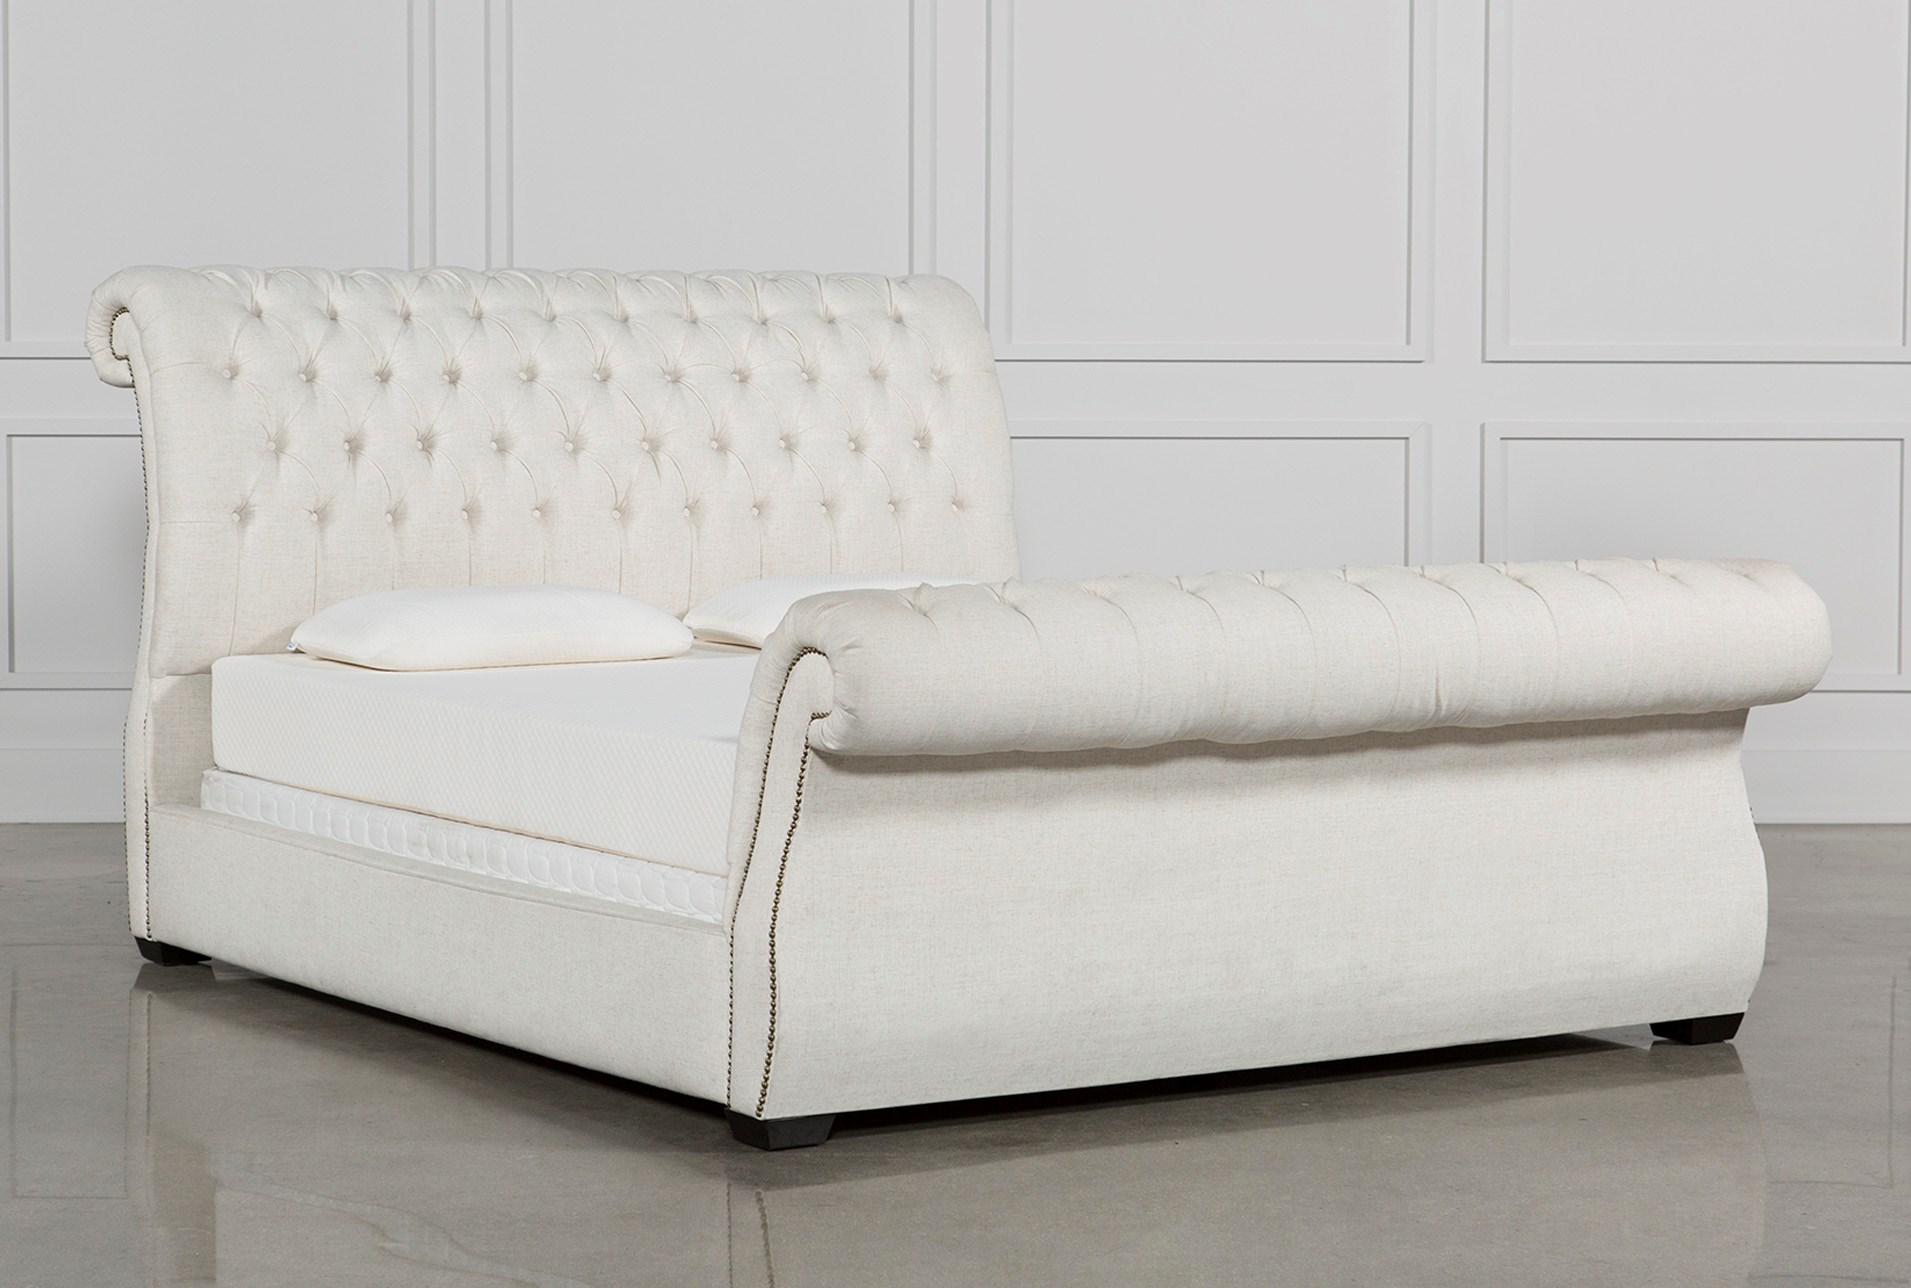 Kensington Ii Queen Upholstered Sleigh Bed Living Spaces ~ Kensington Upholstered Sofa